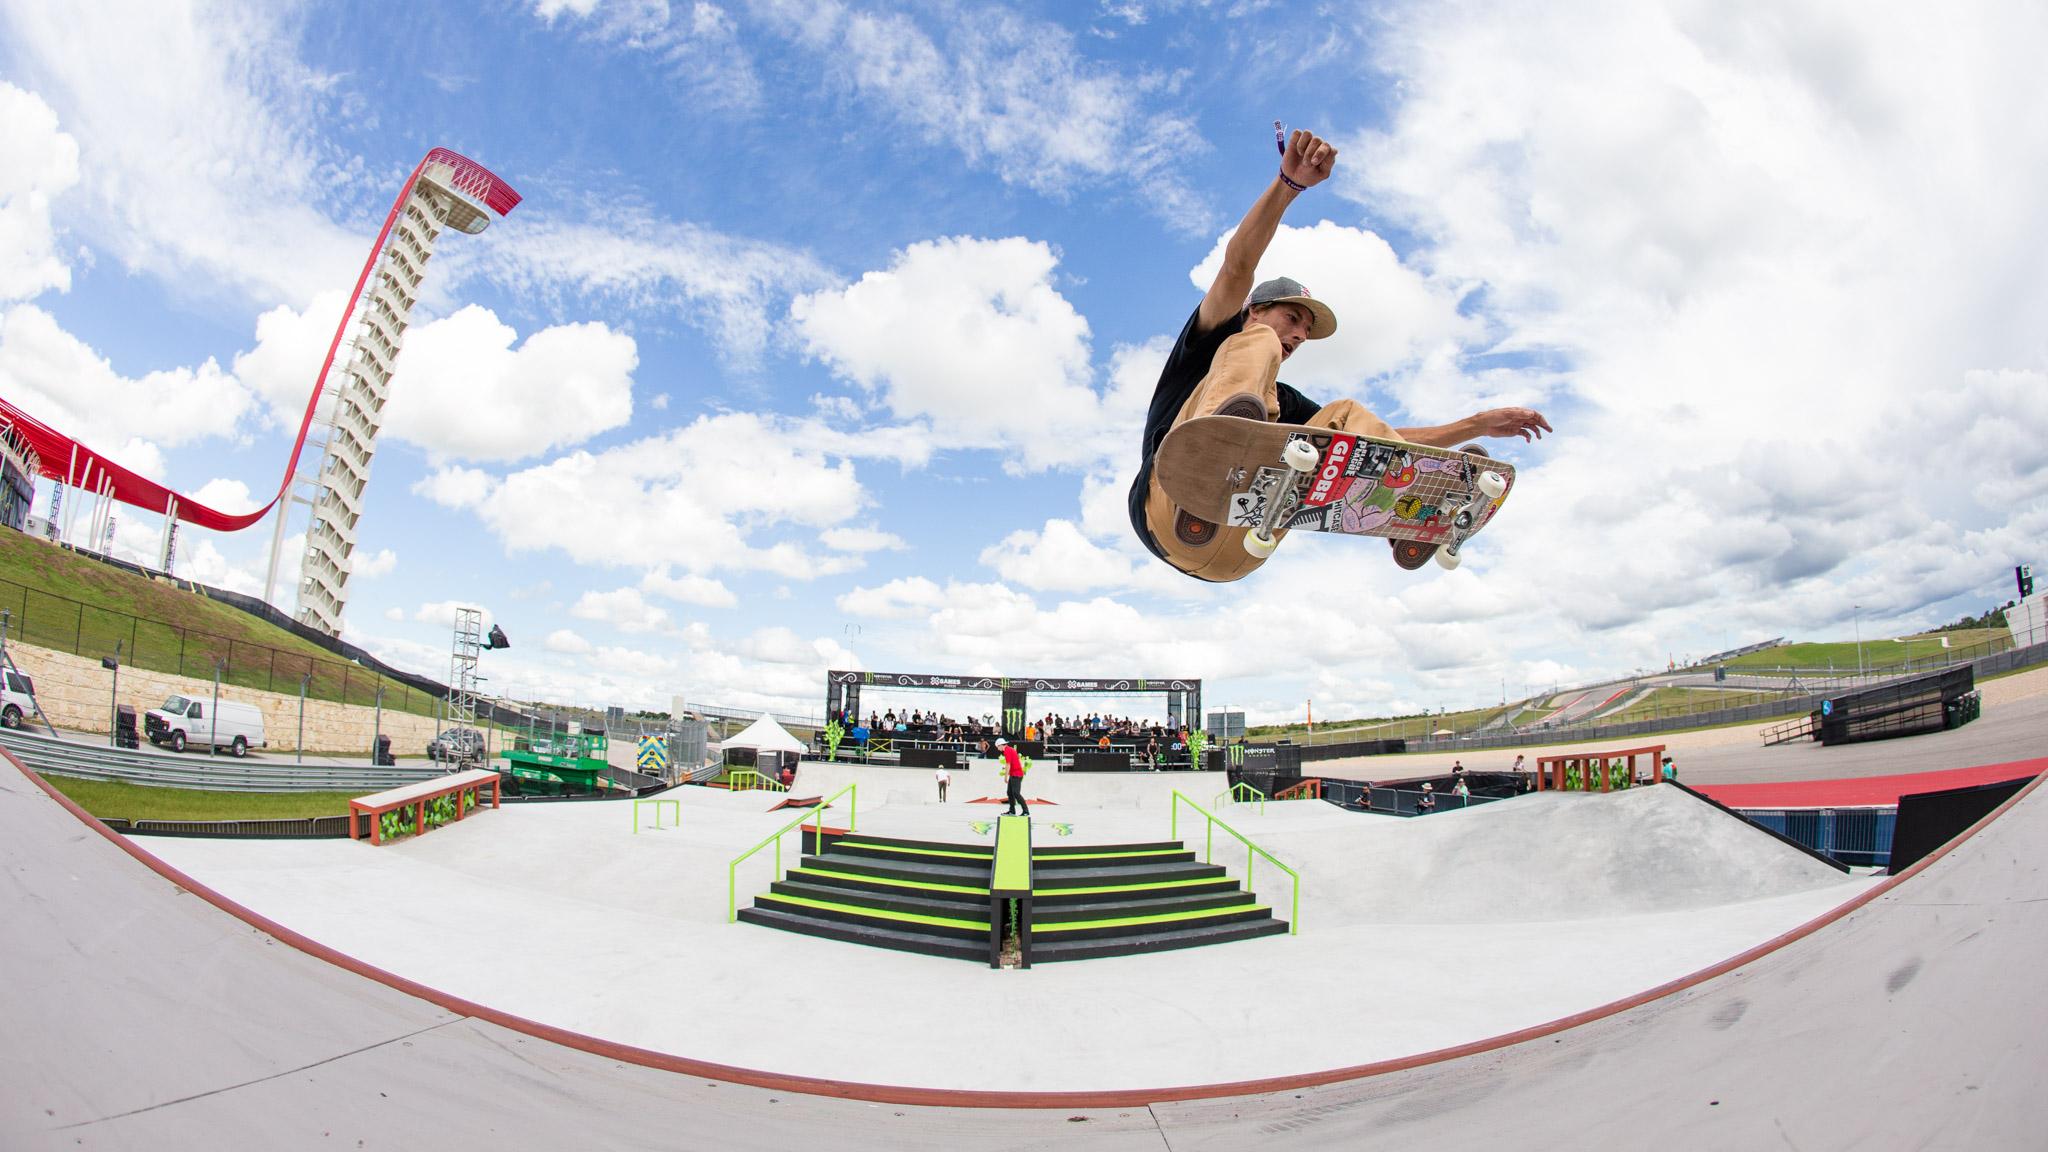 Ryan DeCenzo: Skateboard Street